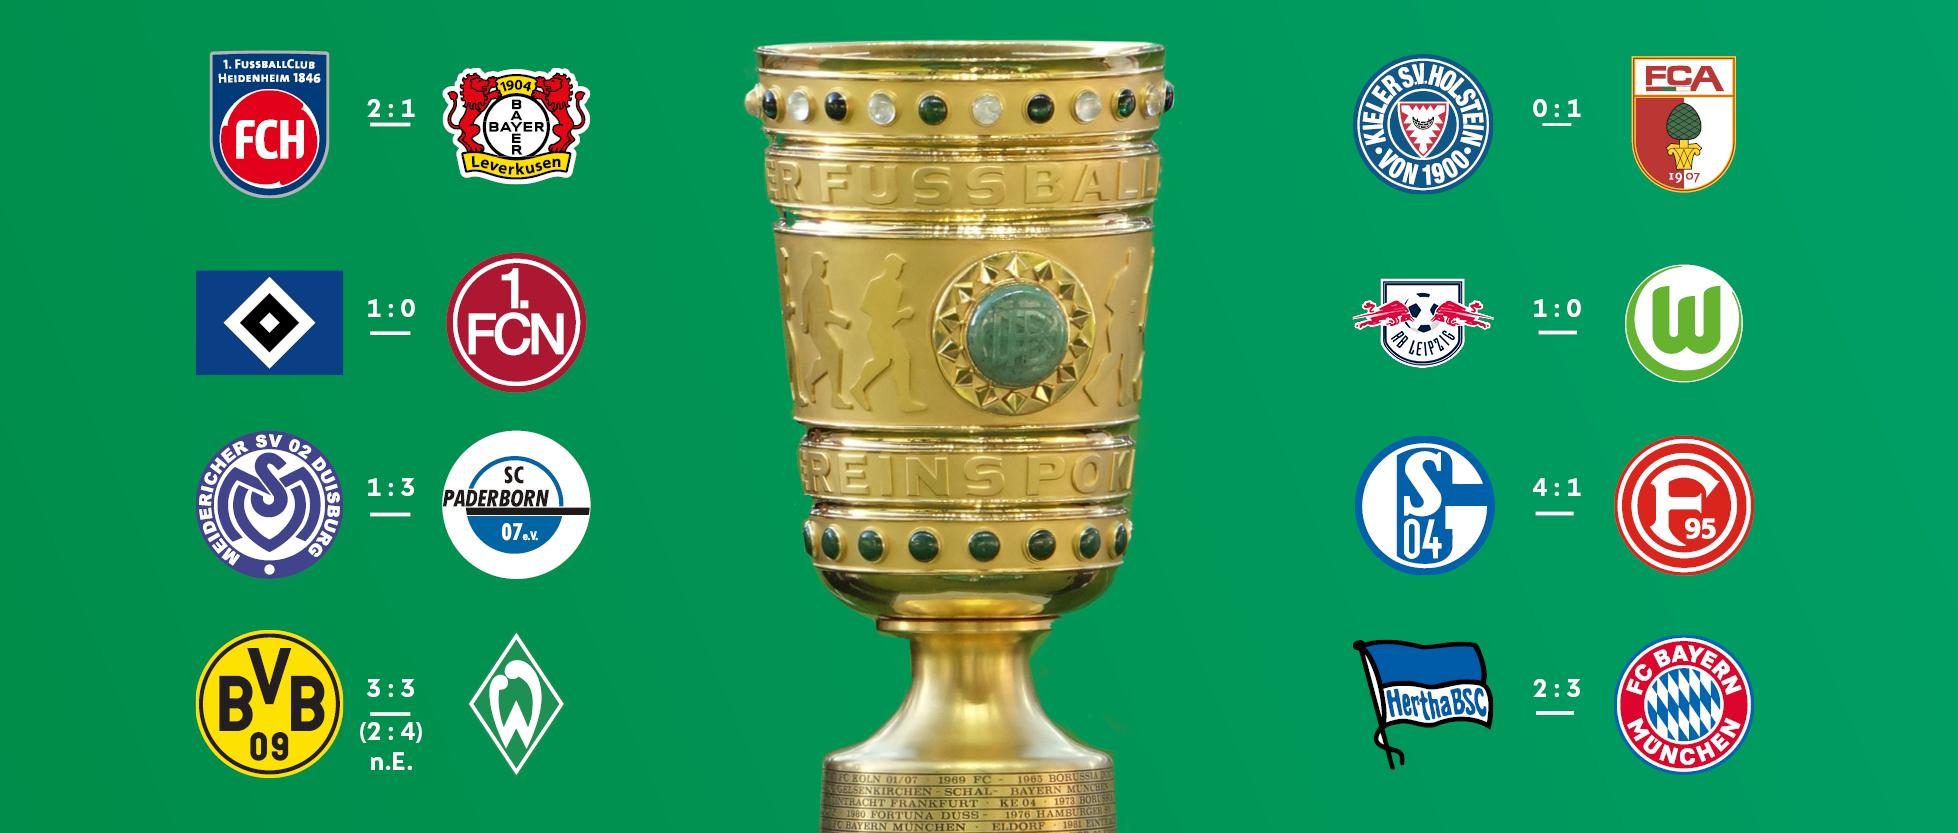 DFB-Pokal Achtelfinale mit Überraschungen